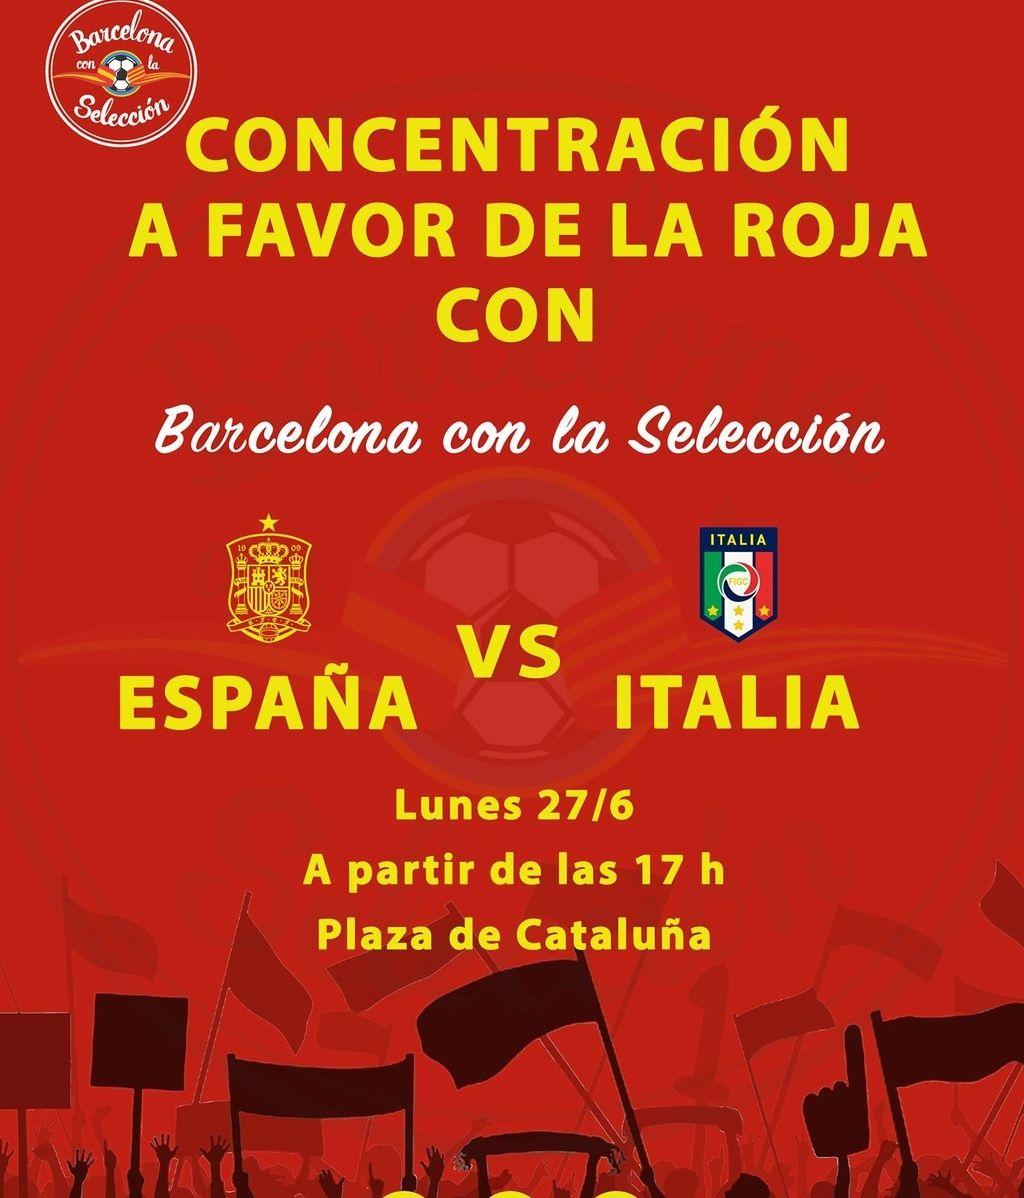 La Roja,Eurocopa 2016